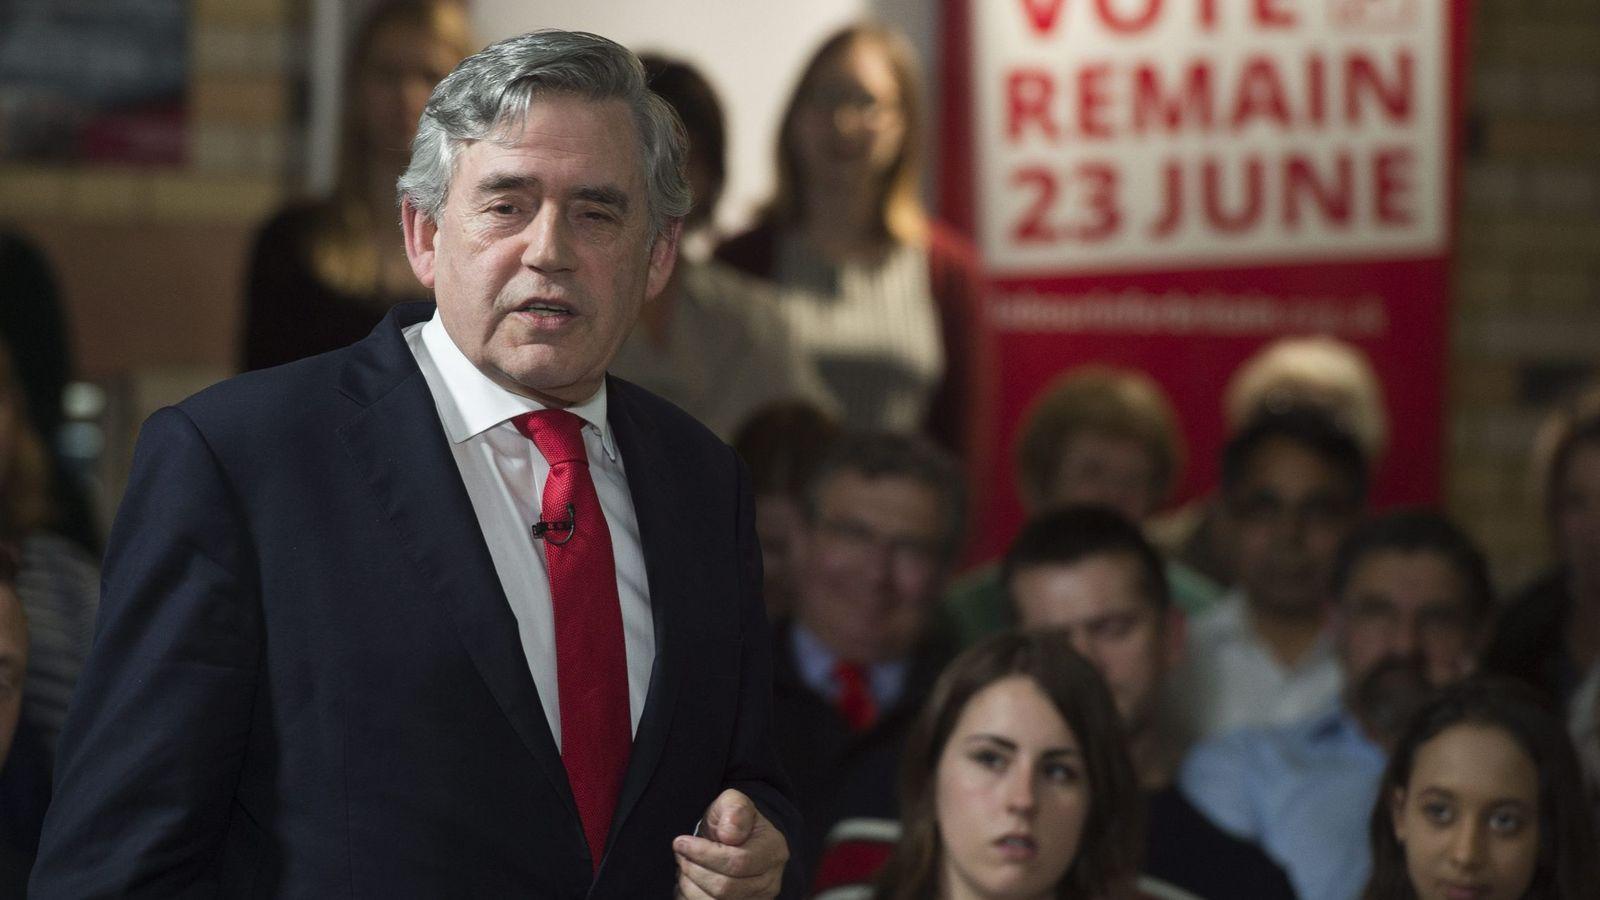 """Foto: El exprimer ministro del Reino Unido, Gordon Brown (i), pronuncia un discurso durante el evento """"Remain In"""" celebrado en Leicester, Reino Unido (Efe)."""